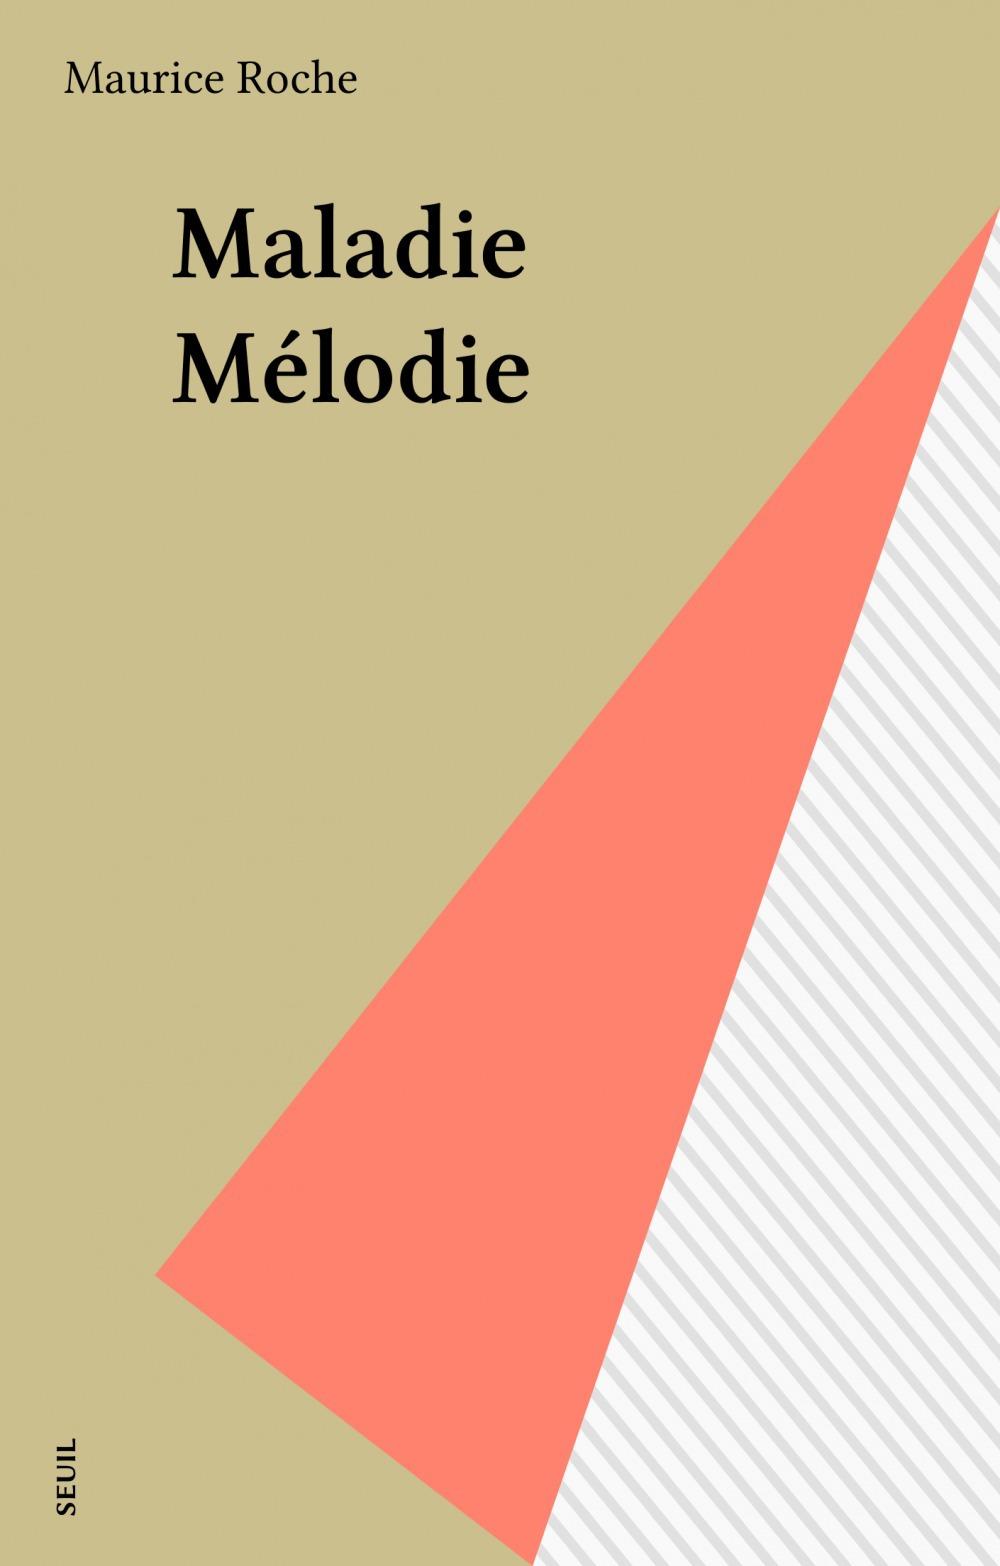 Maladie melodie